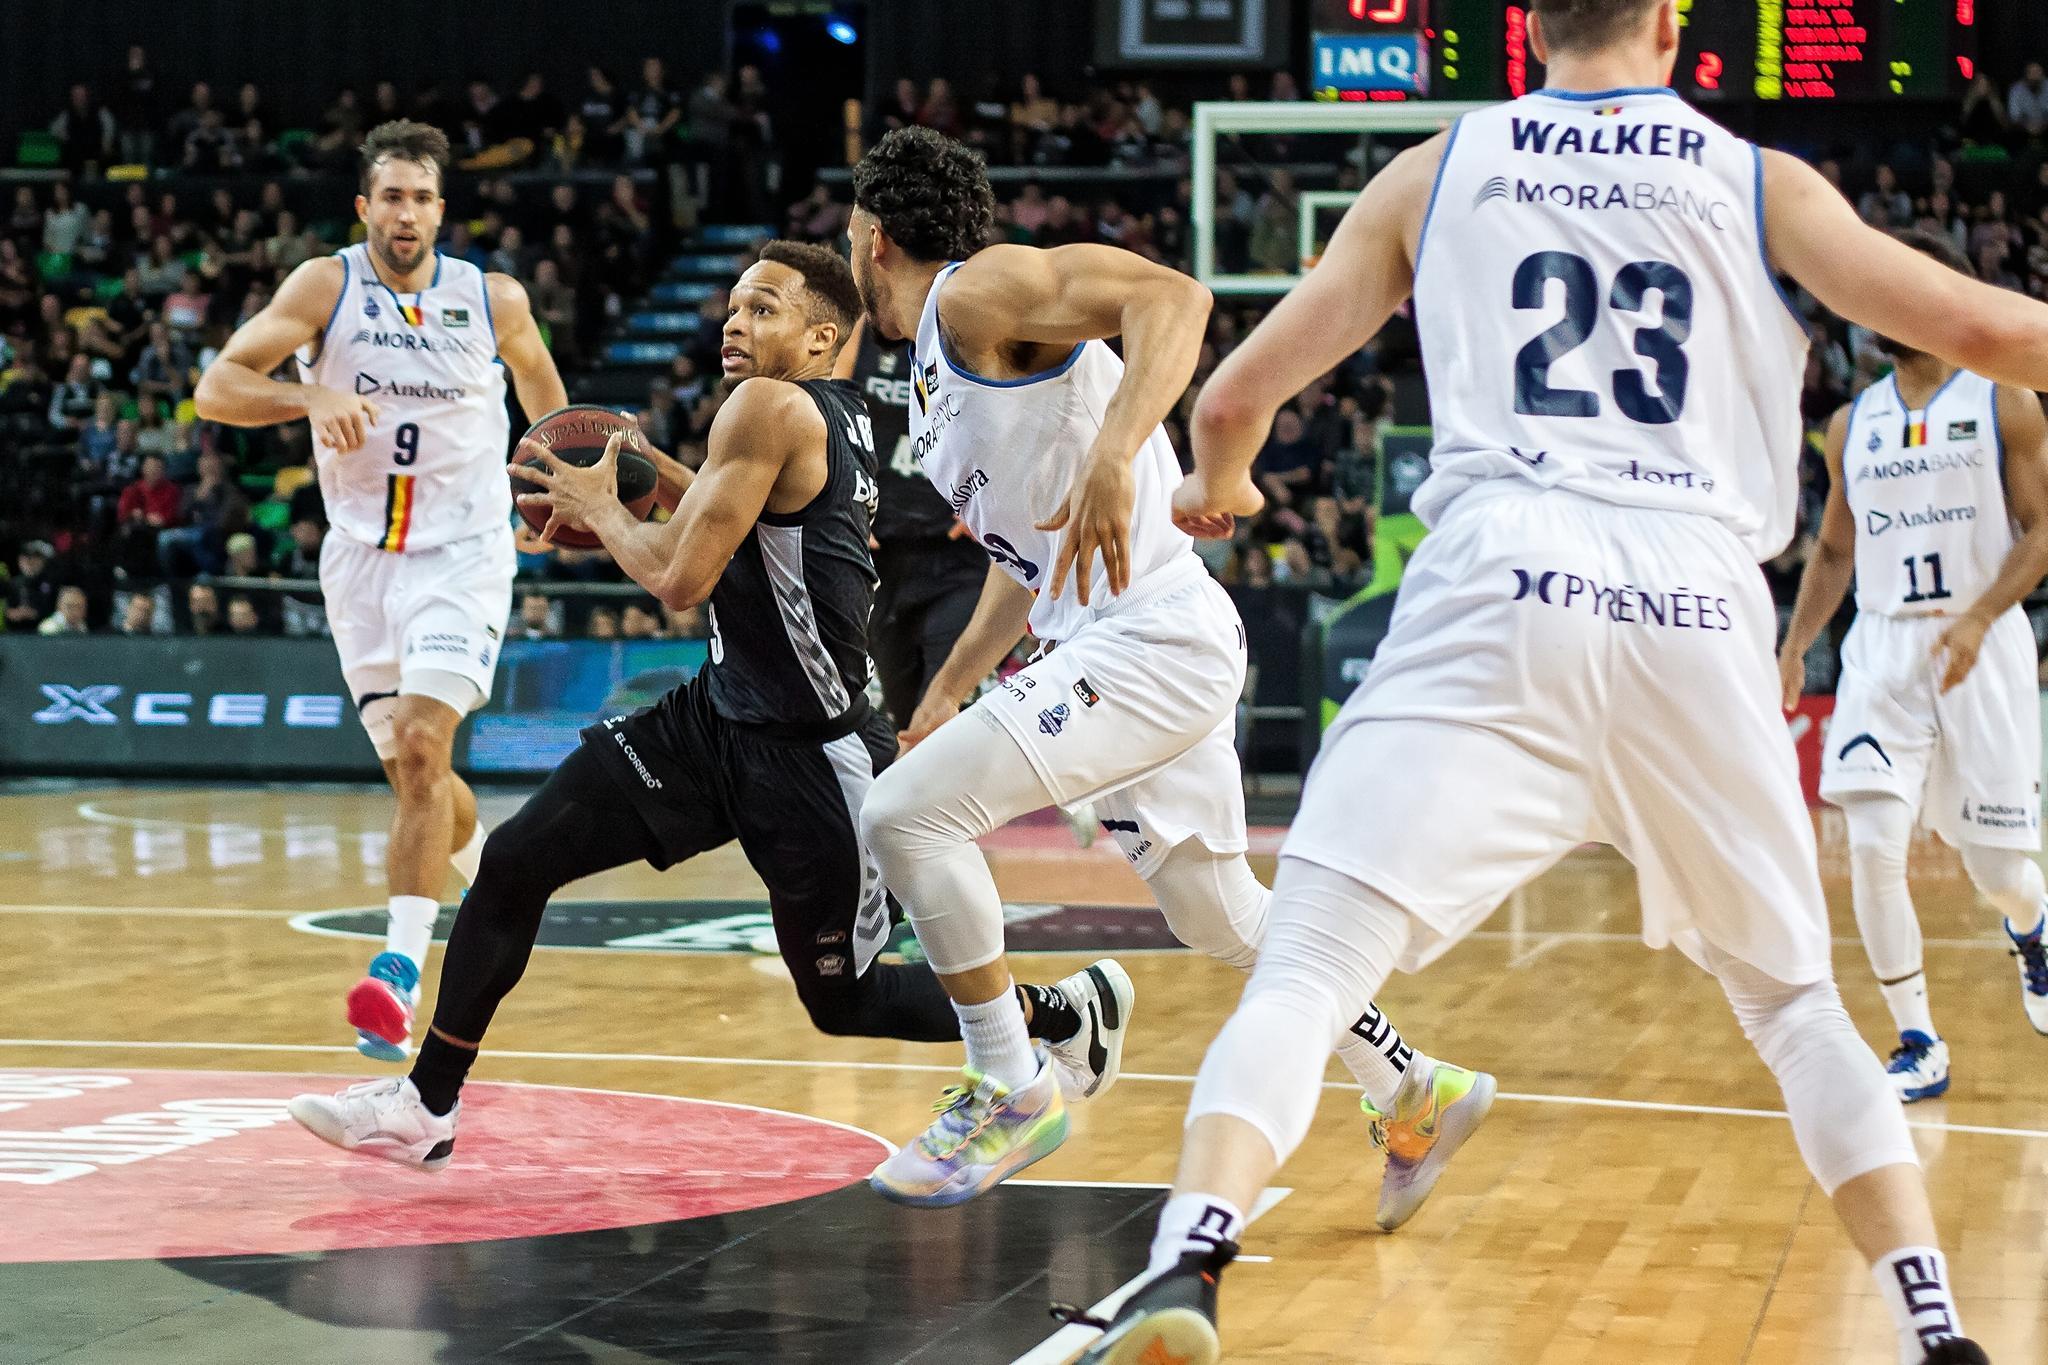 Brown se cuela entre varios defensores (Foto: Luis Fernando Boo).